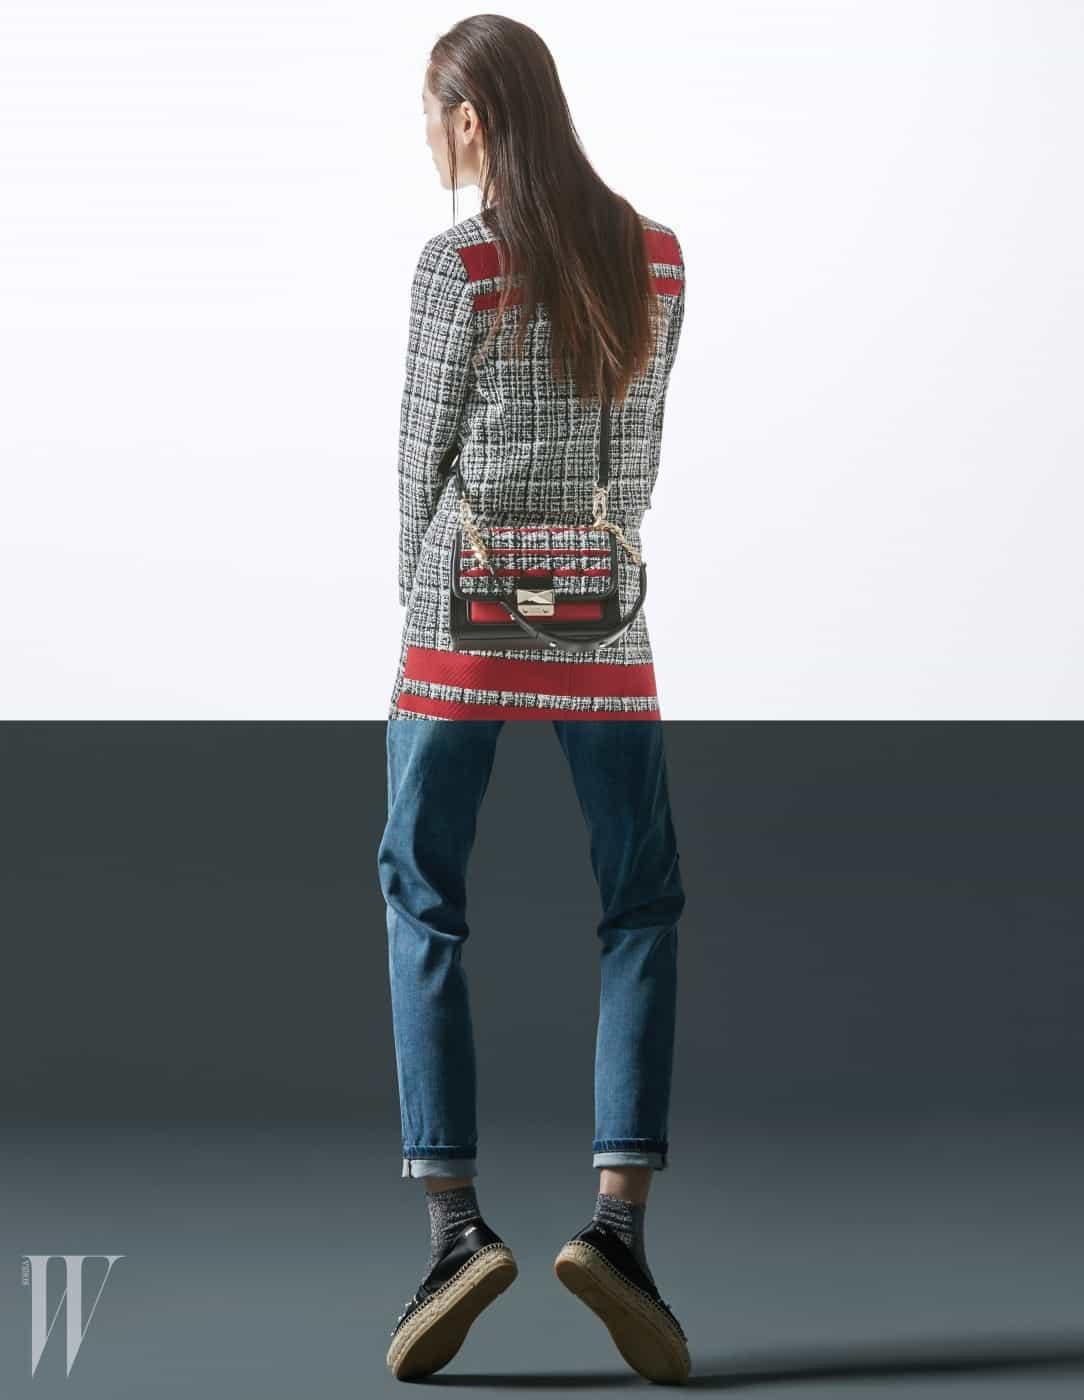 숄더백 겸 크로스백으로 활용할 수 있는 킬티드 트위드 미니 핸드백(Kuilted Tweed Mini Handbag), 트위드 소재의 칼라리스 재킷과 미니스커트, 보이프렌드 피트 진, 에스파드리유 슈즈는 모두 Karl Lagerfeld 제품.